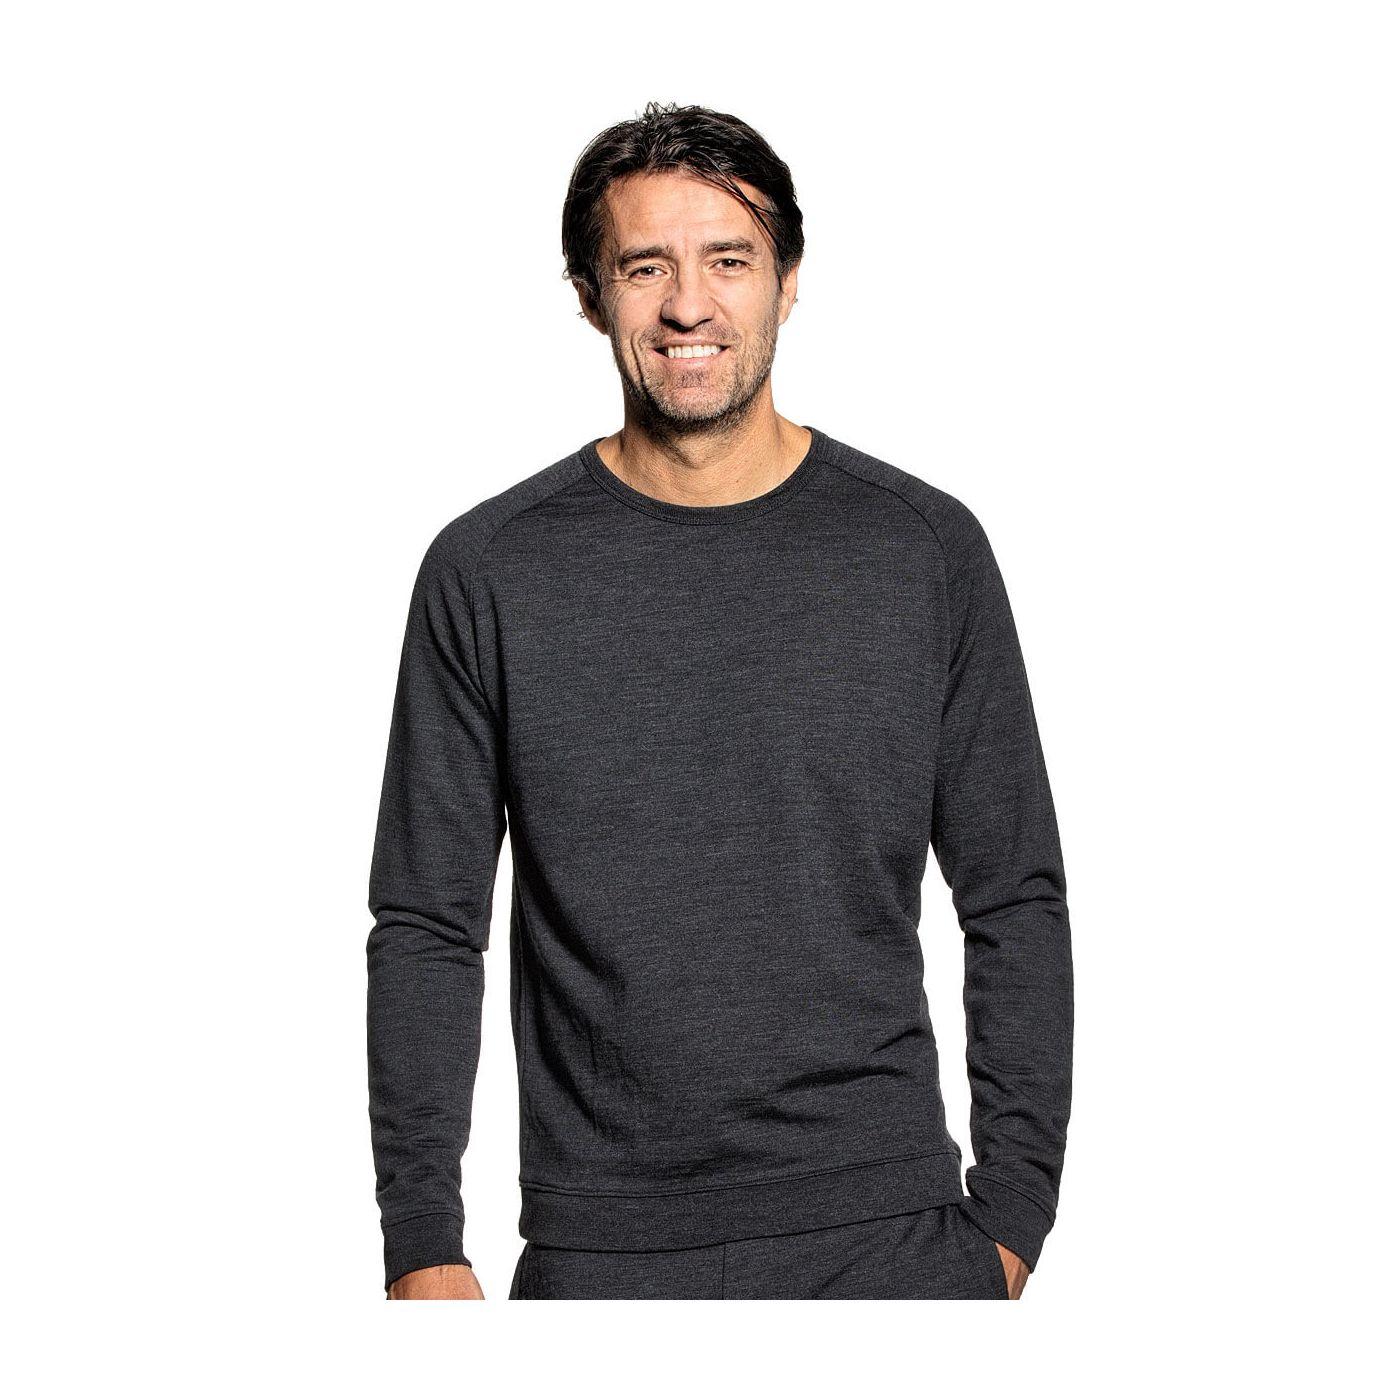 Sweatshirt voor mannen gemaakt van merinowol in het Donkergrijs